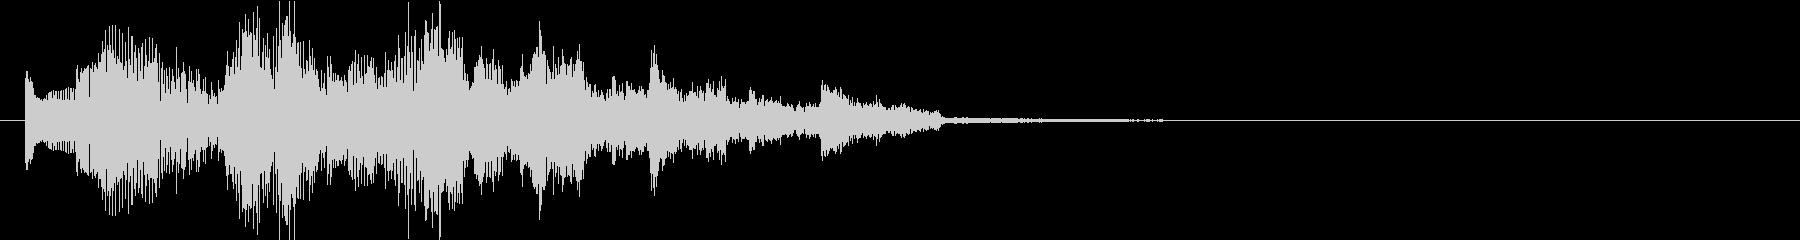 80年代風エレピソロのジングルの未再生の波形